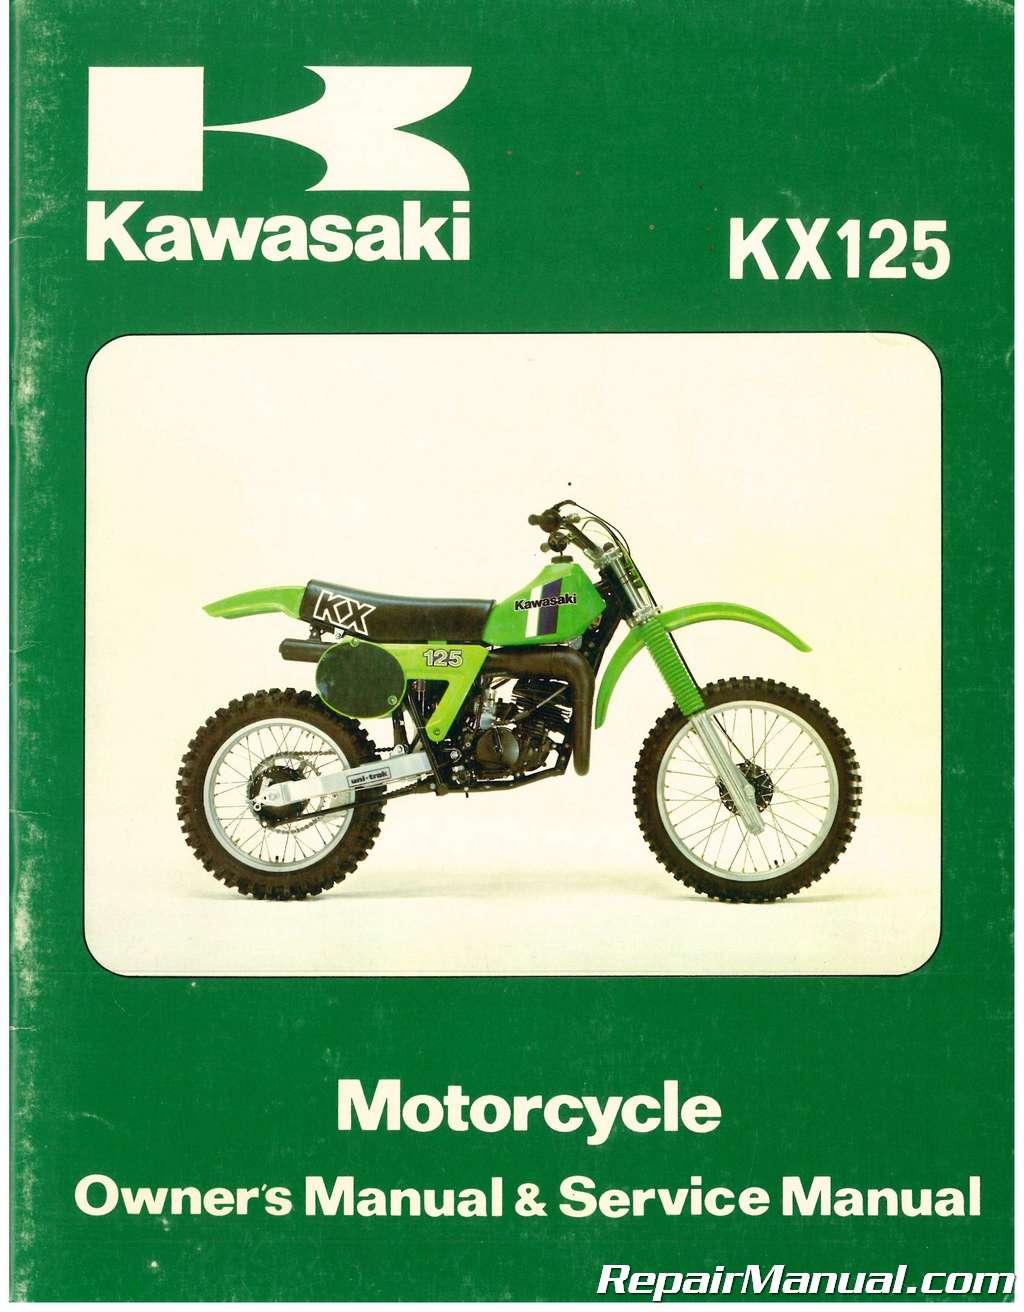 1980-Kawasaki-KX125A6-Motorcycle-Owners-Service-Manual_001.jpg ...